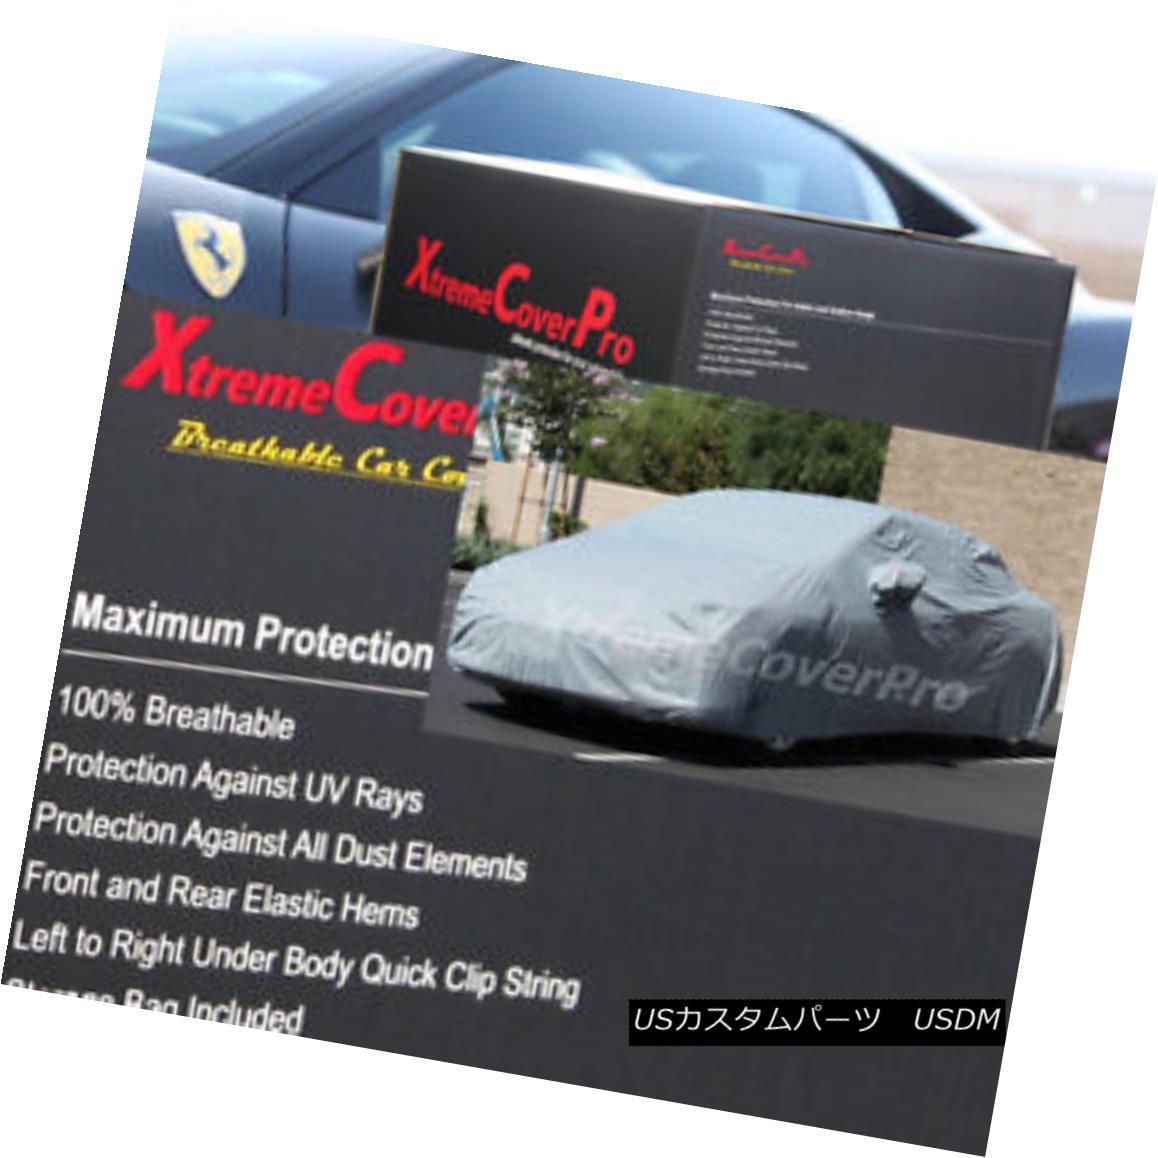 カーカバー 2014 Chevrolet Camaro Coupe Breathable Car Cover w/ Mirror Pocket 2014シボレーカマロクーペ通気性の車カバー(ミラーポケット付)